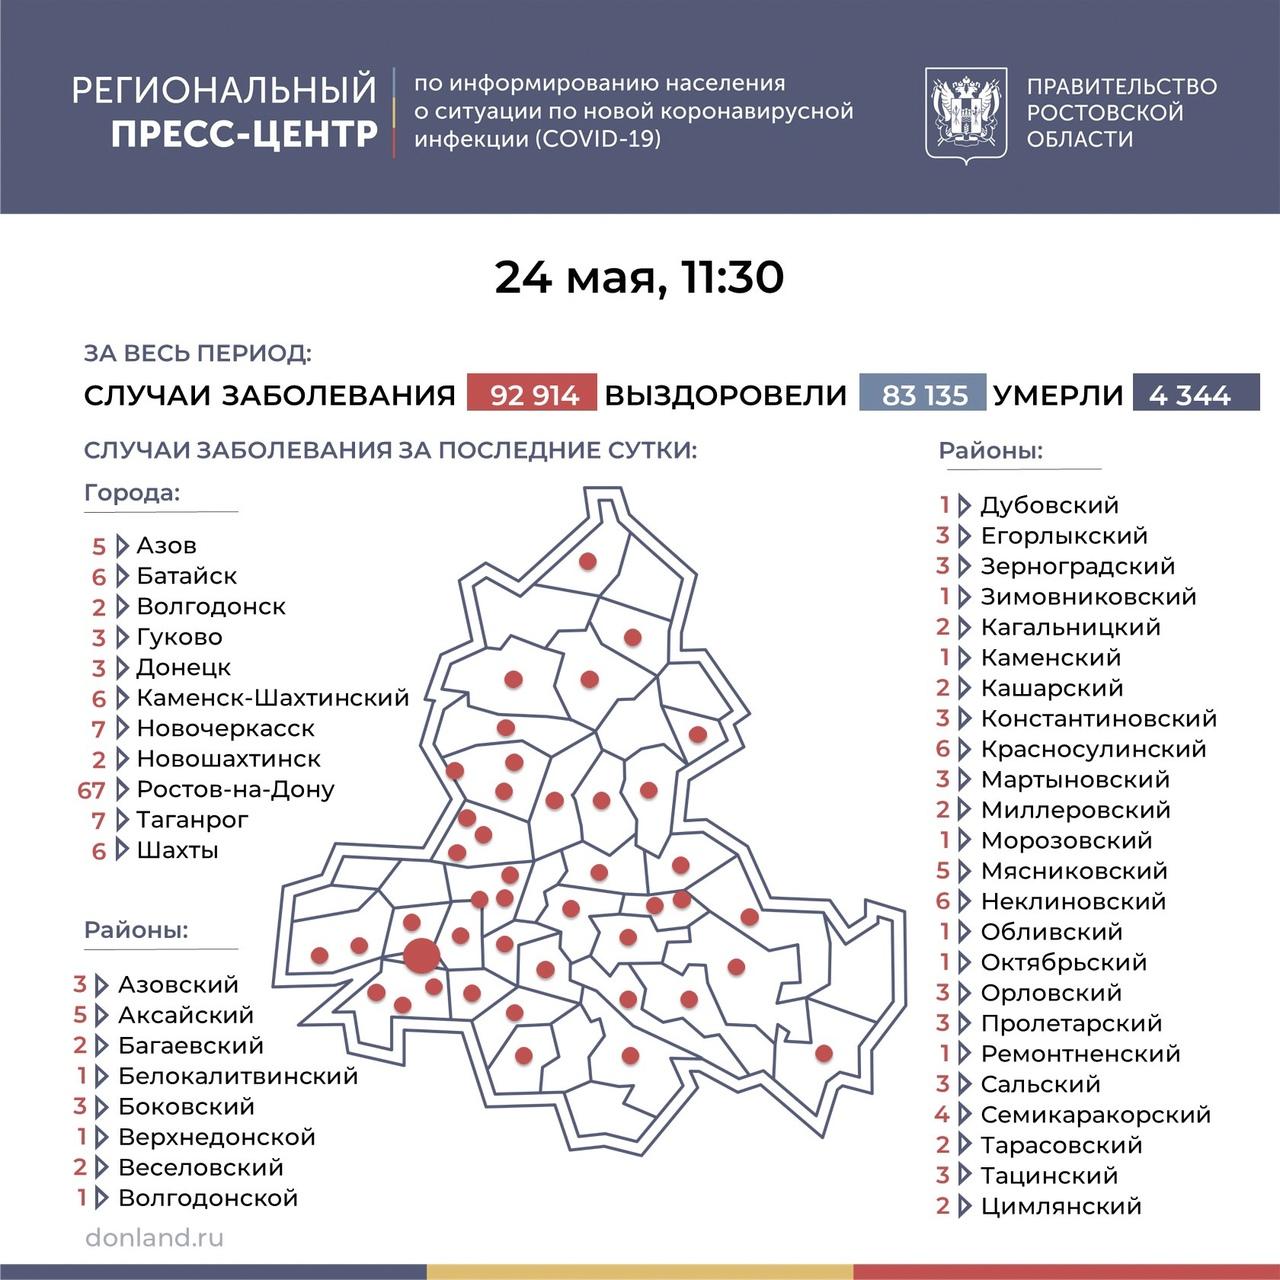 На Дону число инфицированных COVID-19 составляет 194, в Таганроге 7 новых случаев